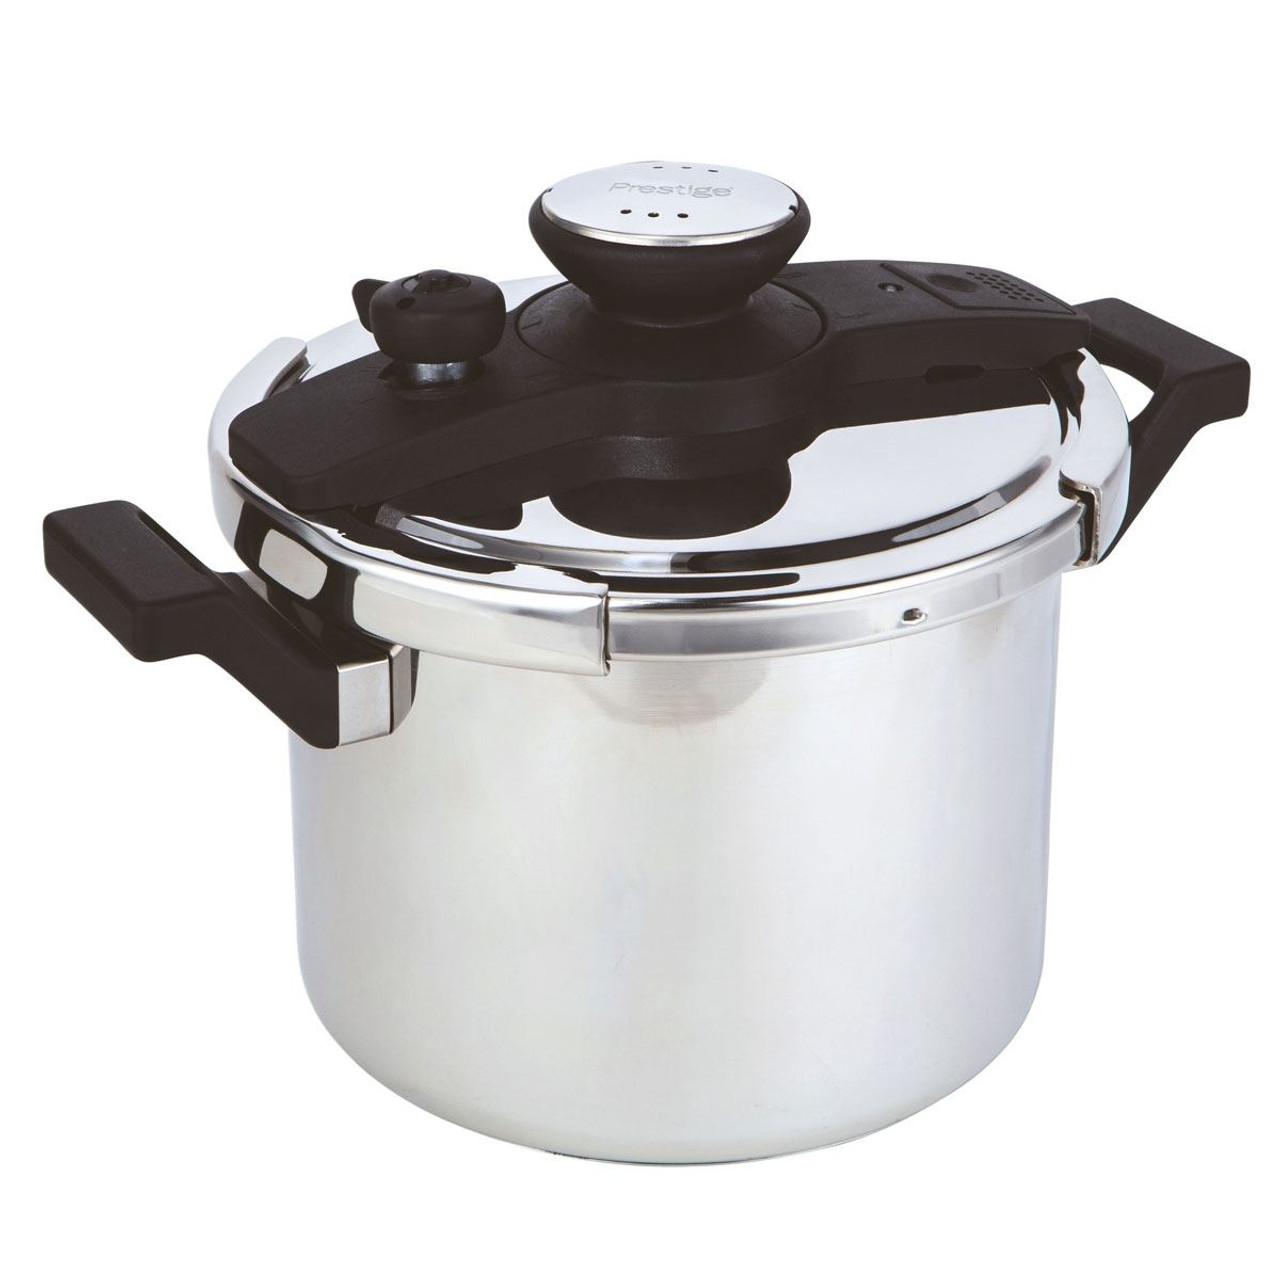 Prestige 6L Twist 'n' Lock Pressure Cooker